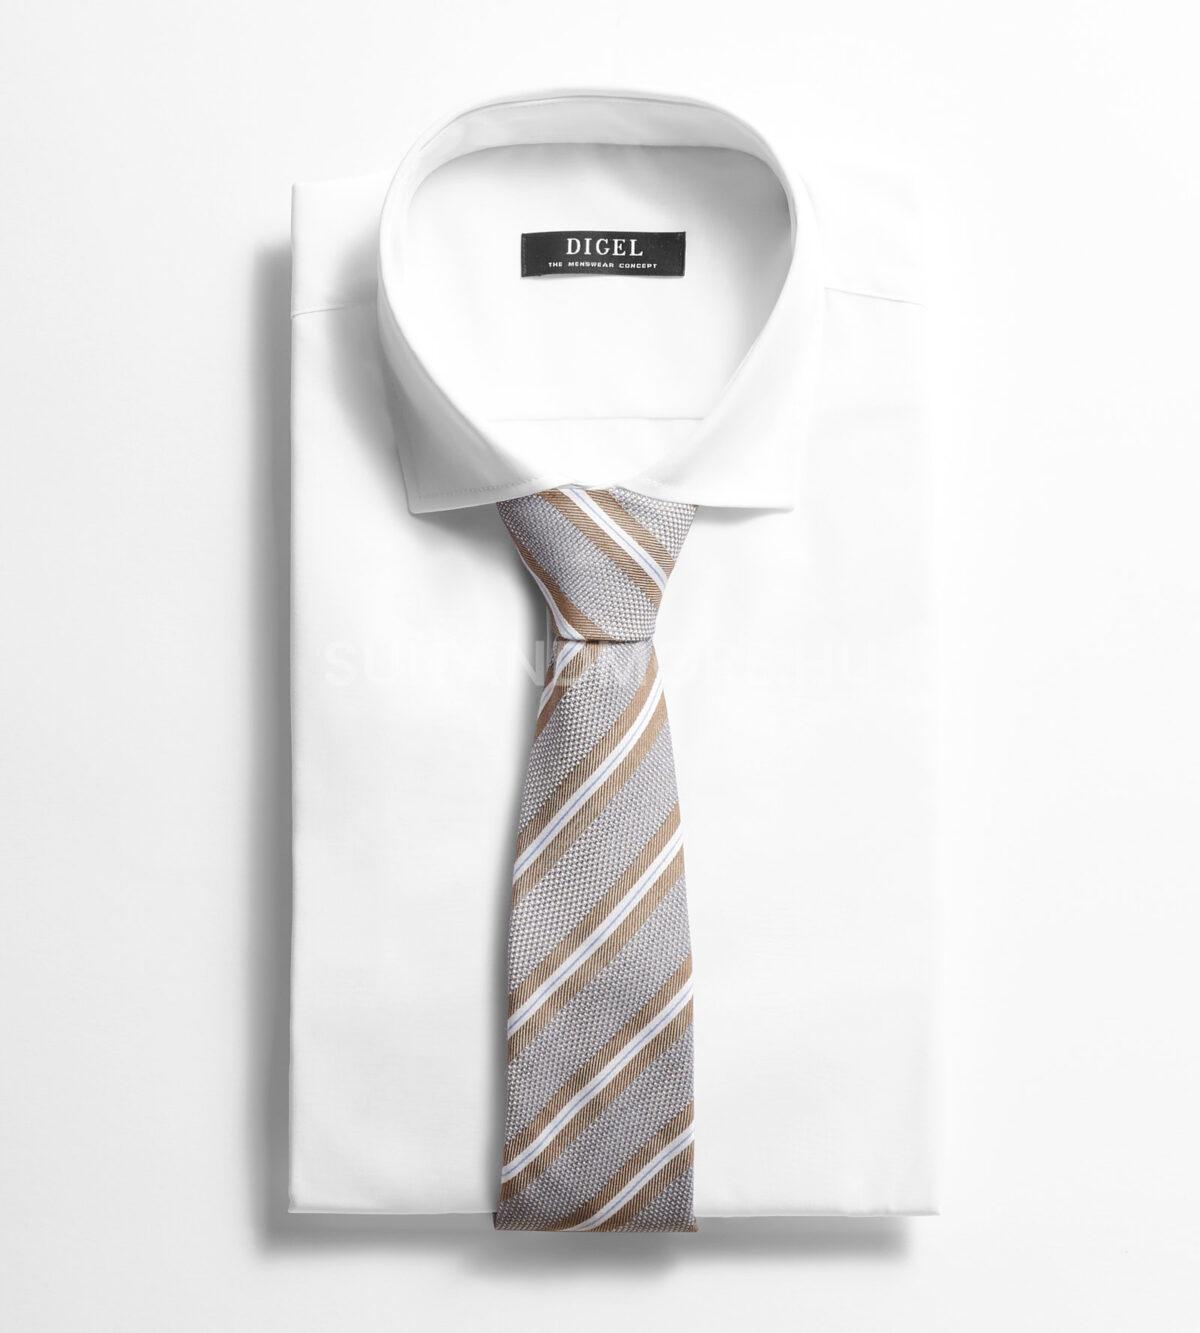 digel-bezs-csikos-nyakkendo-divo-1109021-76-02